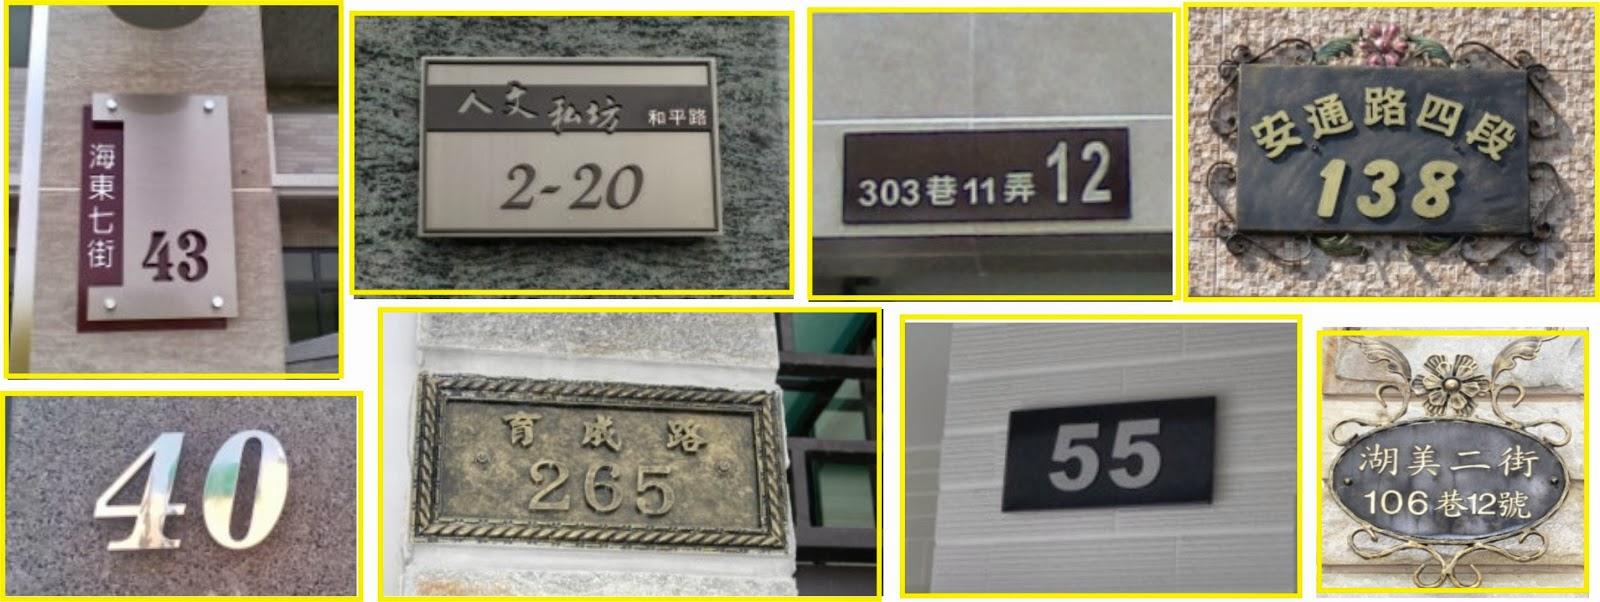 鋐洋廣告金屬工程首頁: 門牌標示設計